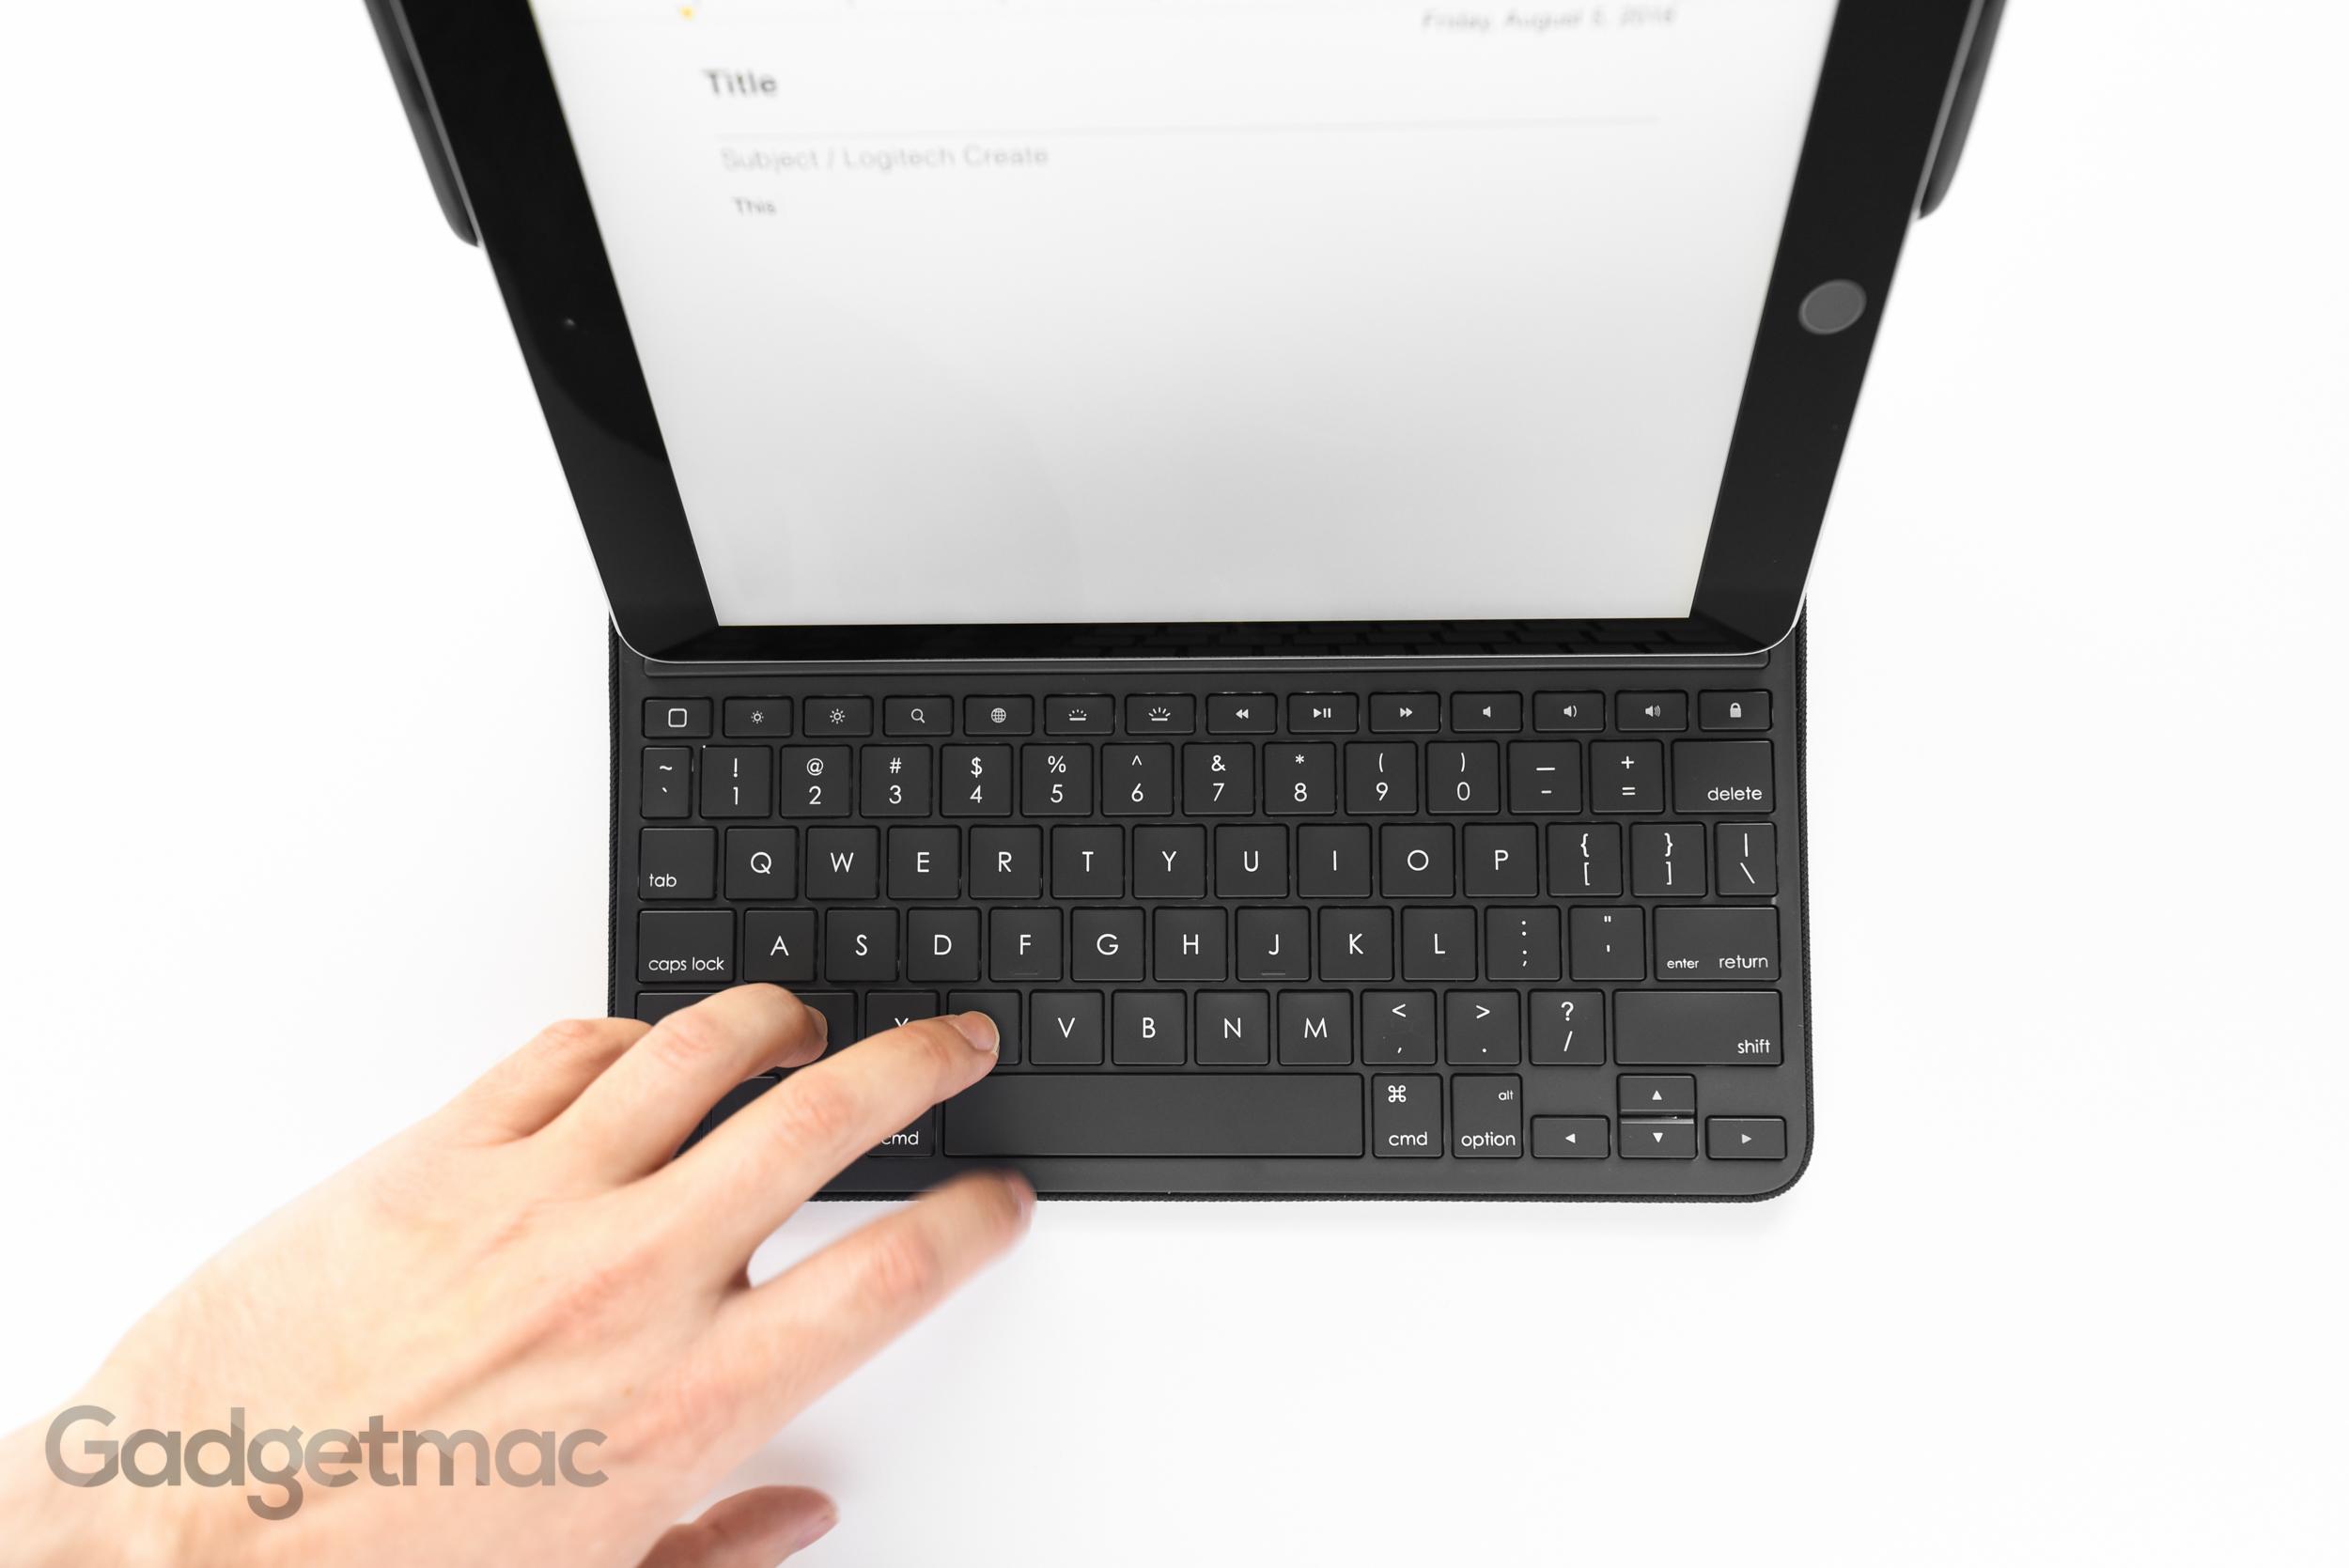 logi-create-ipad-pro-9-7-keyboard.jpg